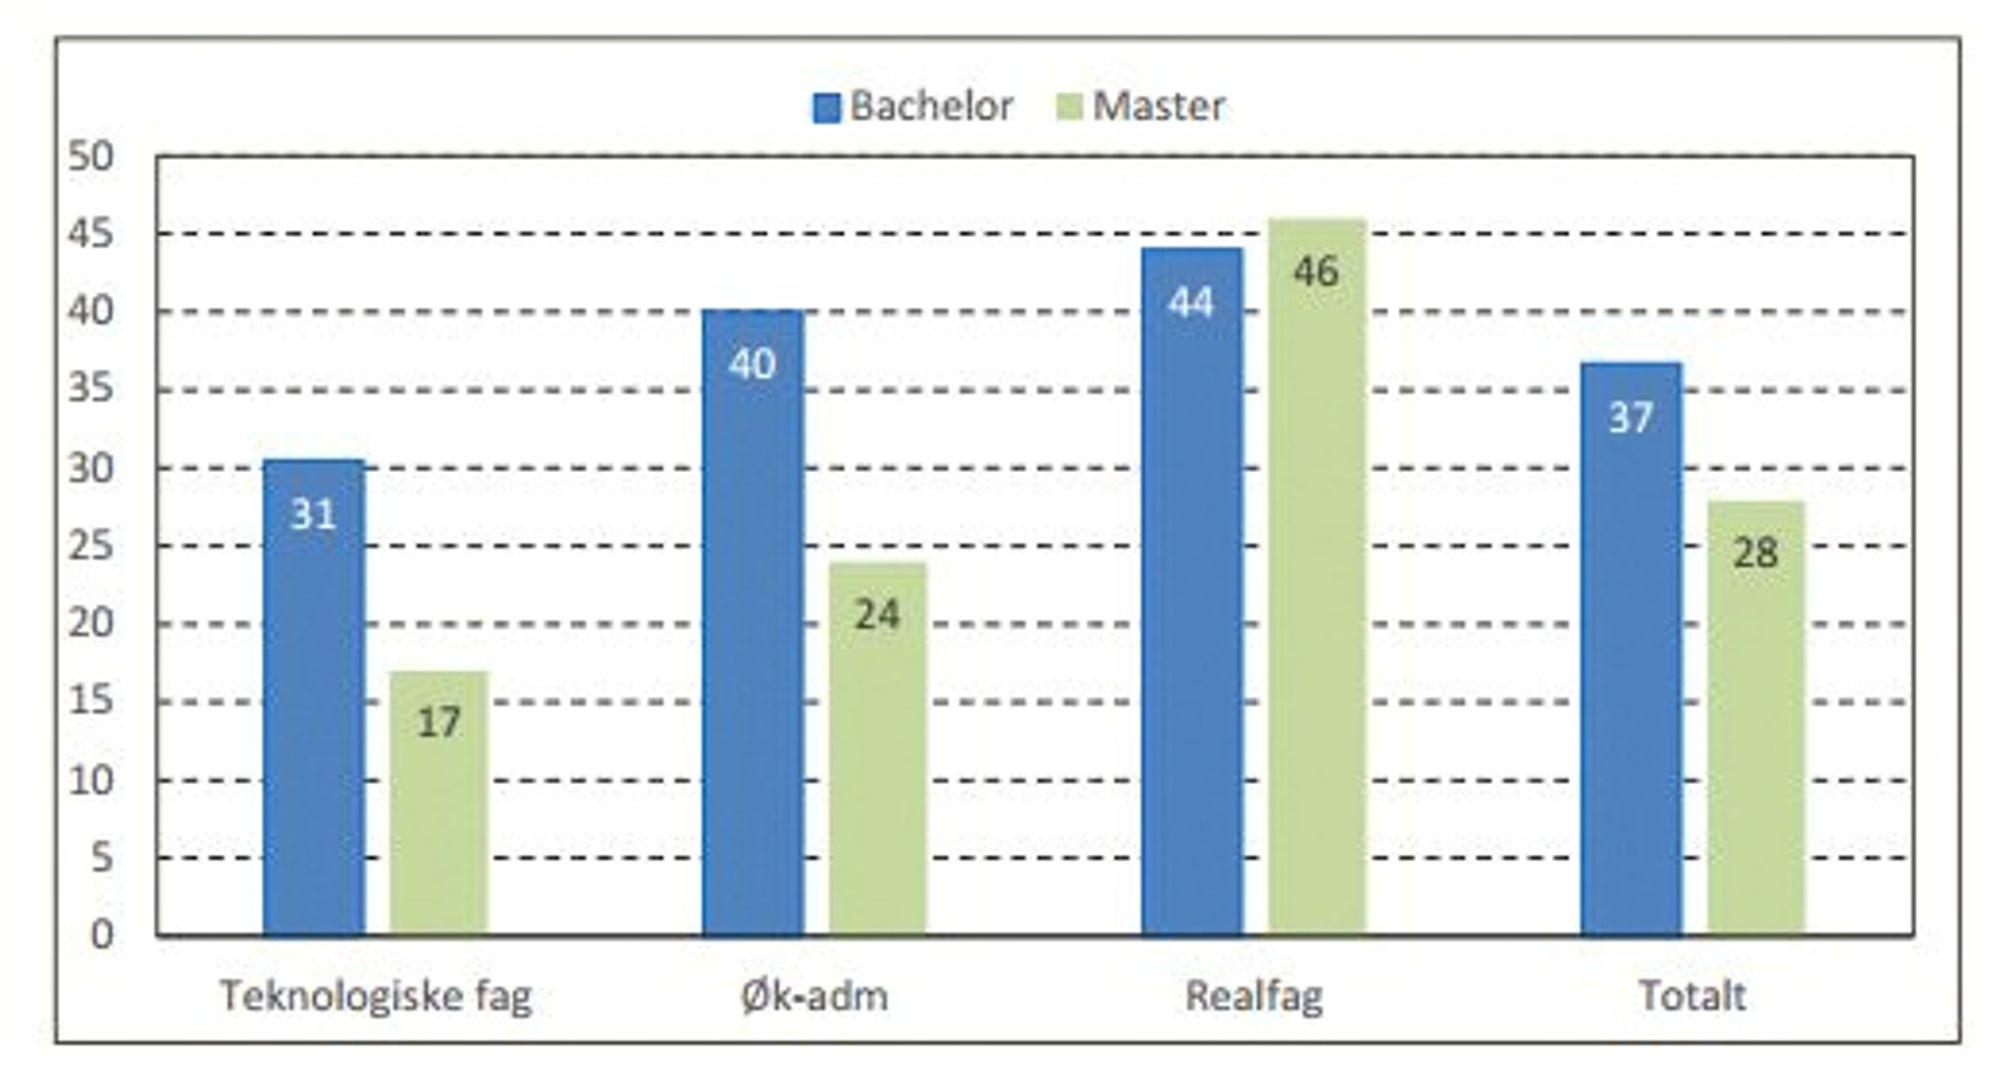 Andelen kandidater som har opplevd arbeidsledighet i perioden 2012 - 2015 etter utdanningsnivå og fag.